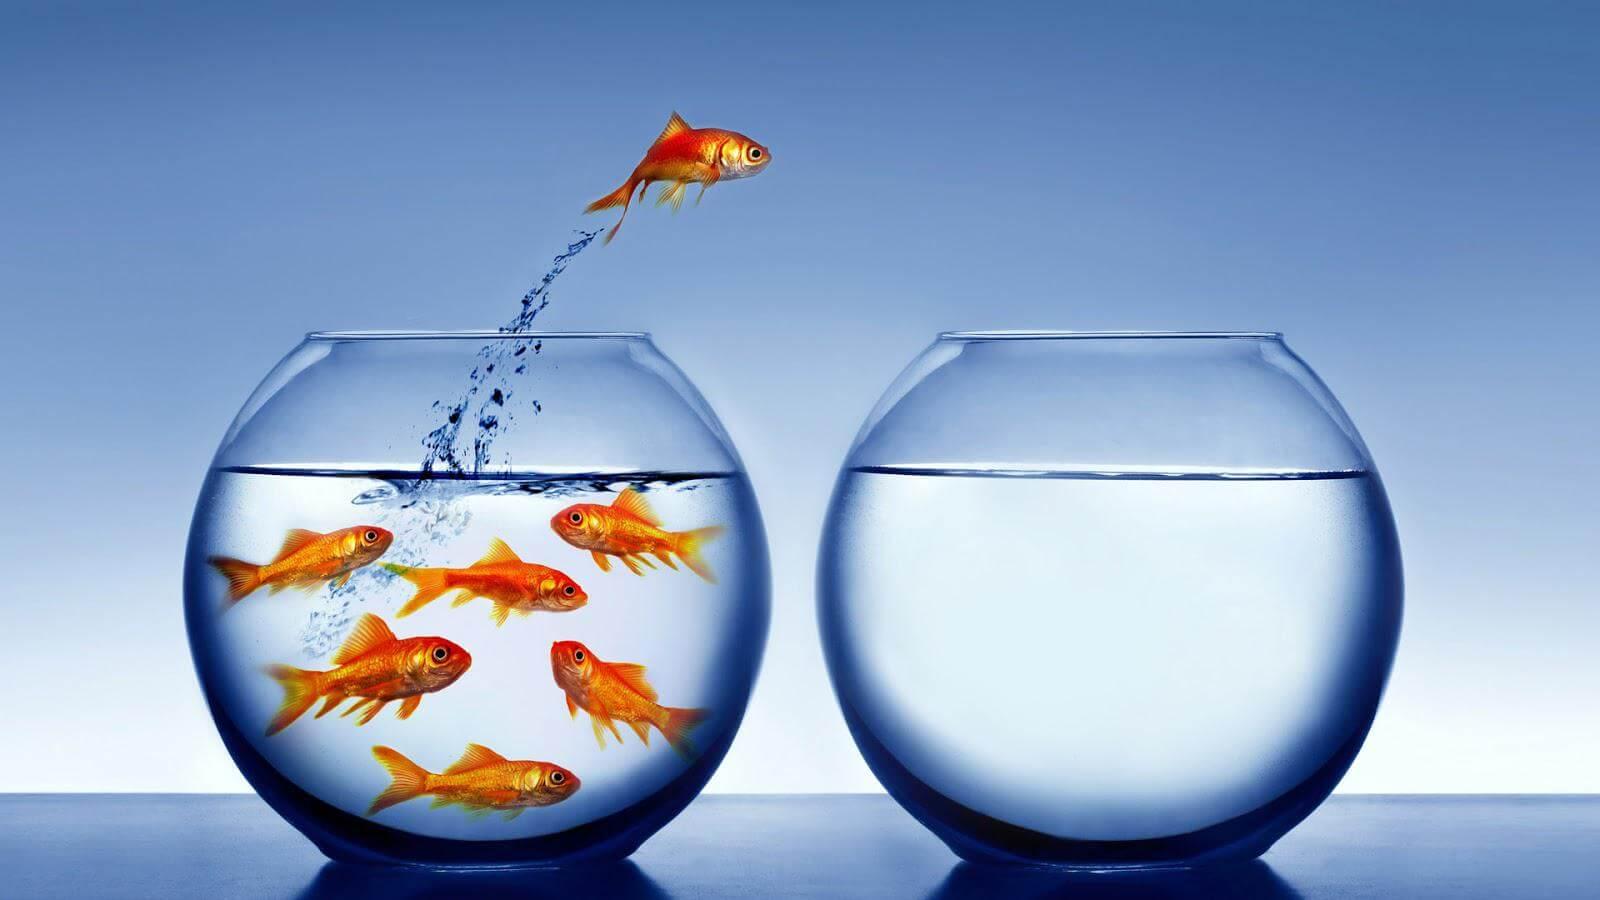 Qué nos sucede ante los cambios? | Blog de Mindic